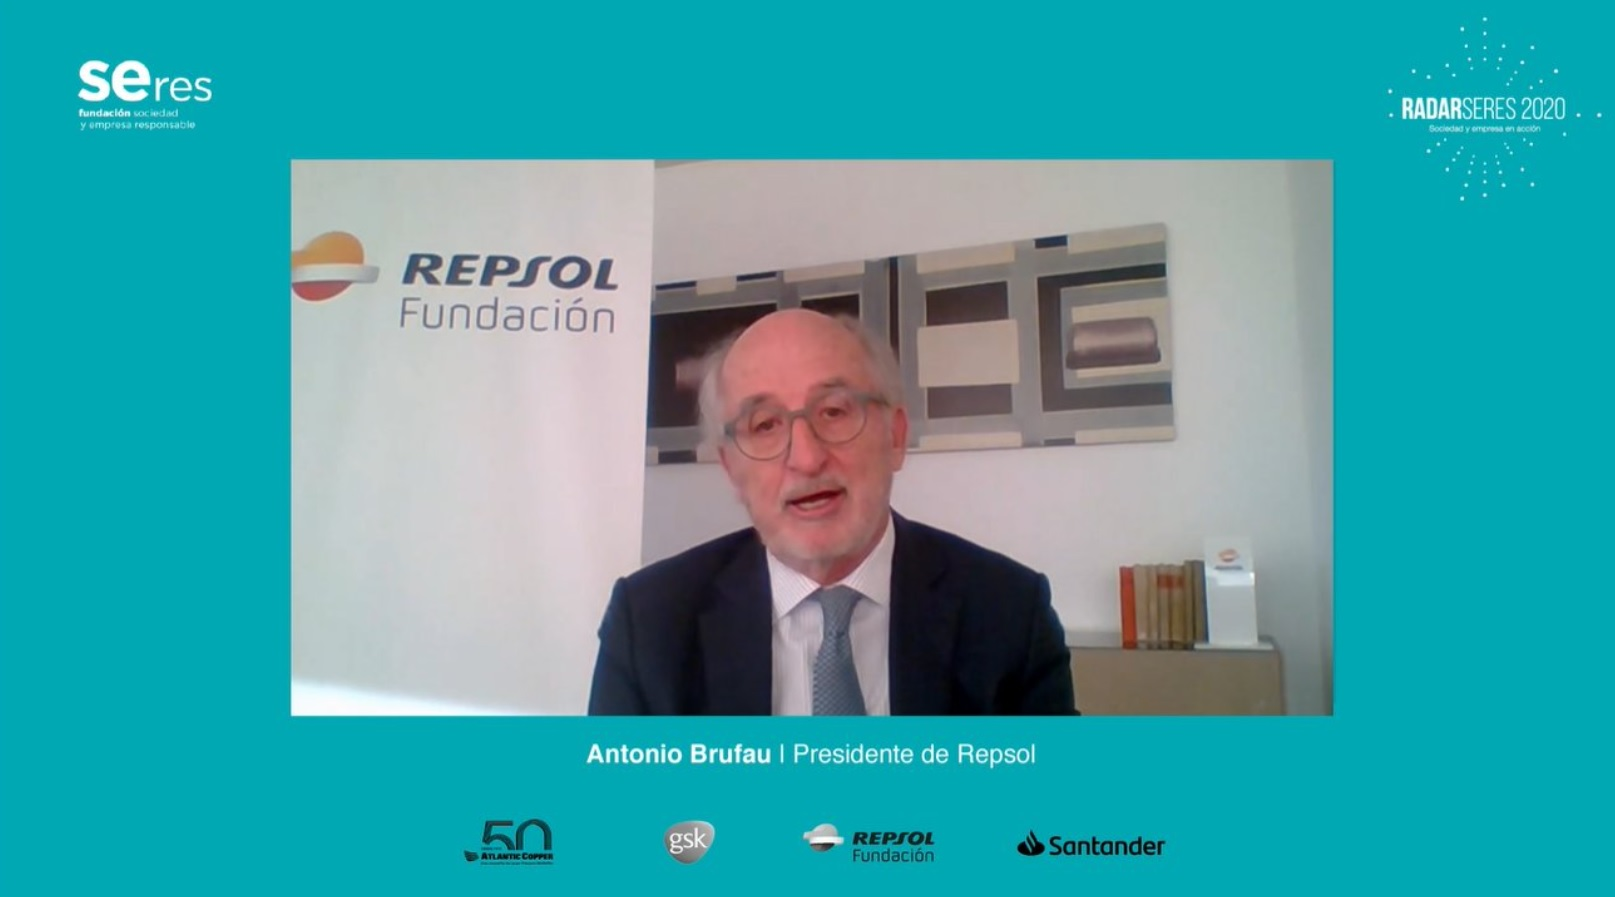 Antonio Brufau, presidente de Repsol, interviene en RADARSERES.